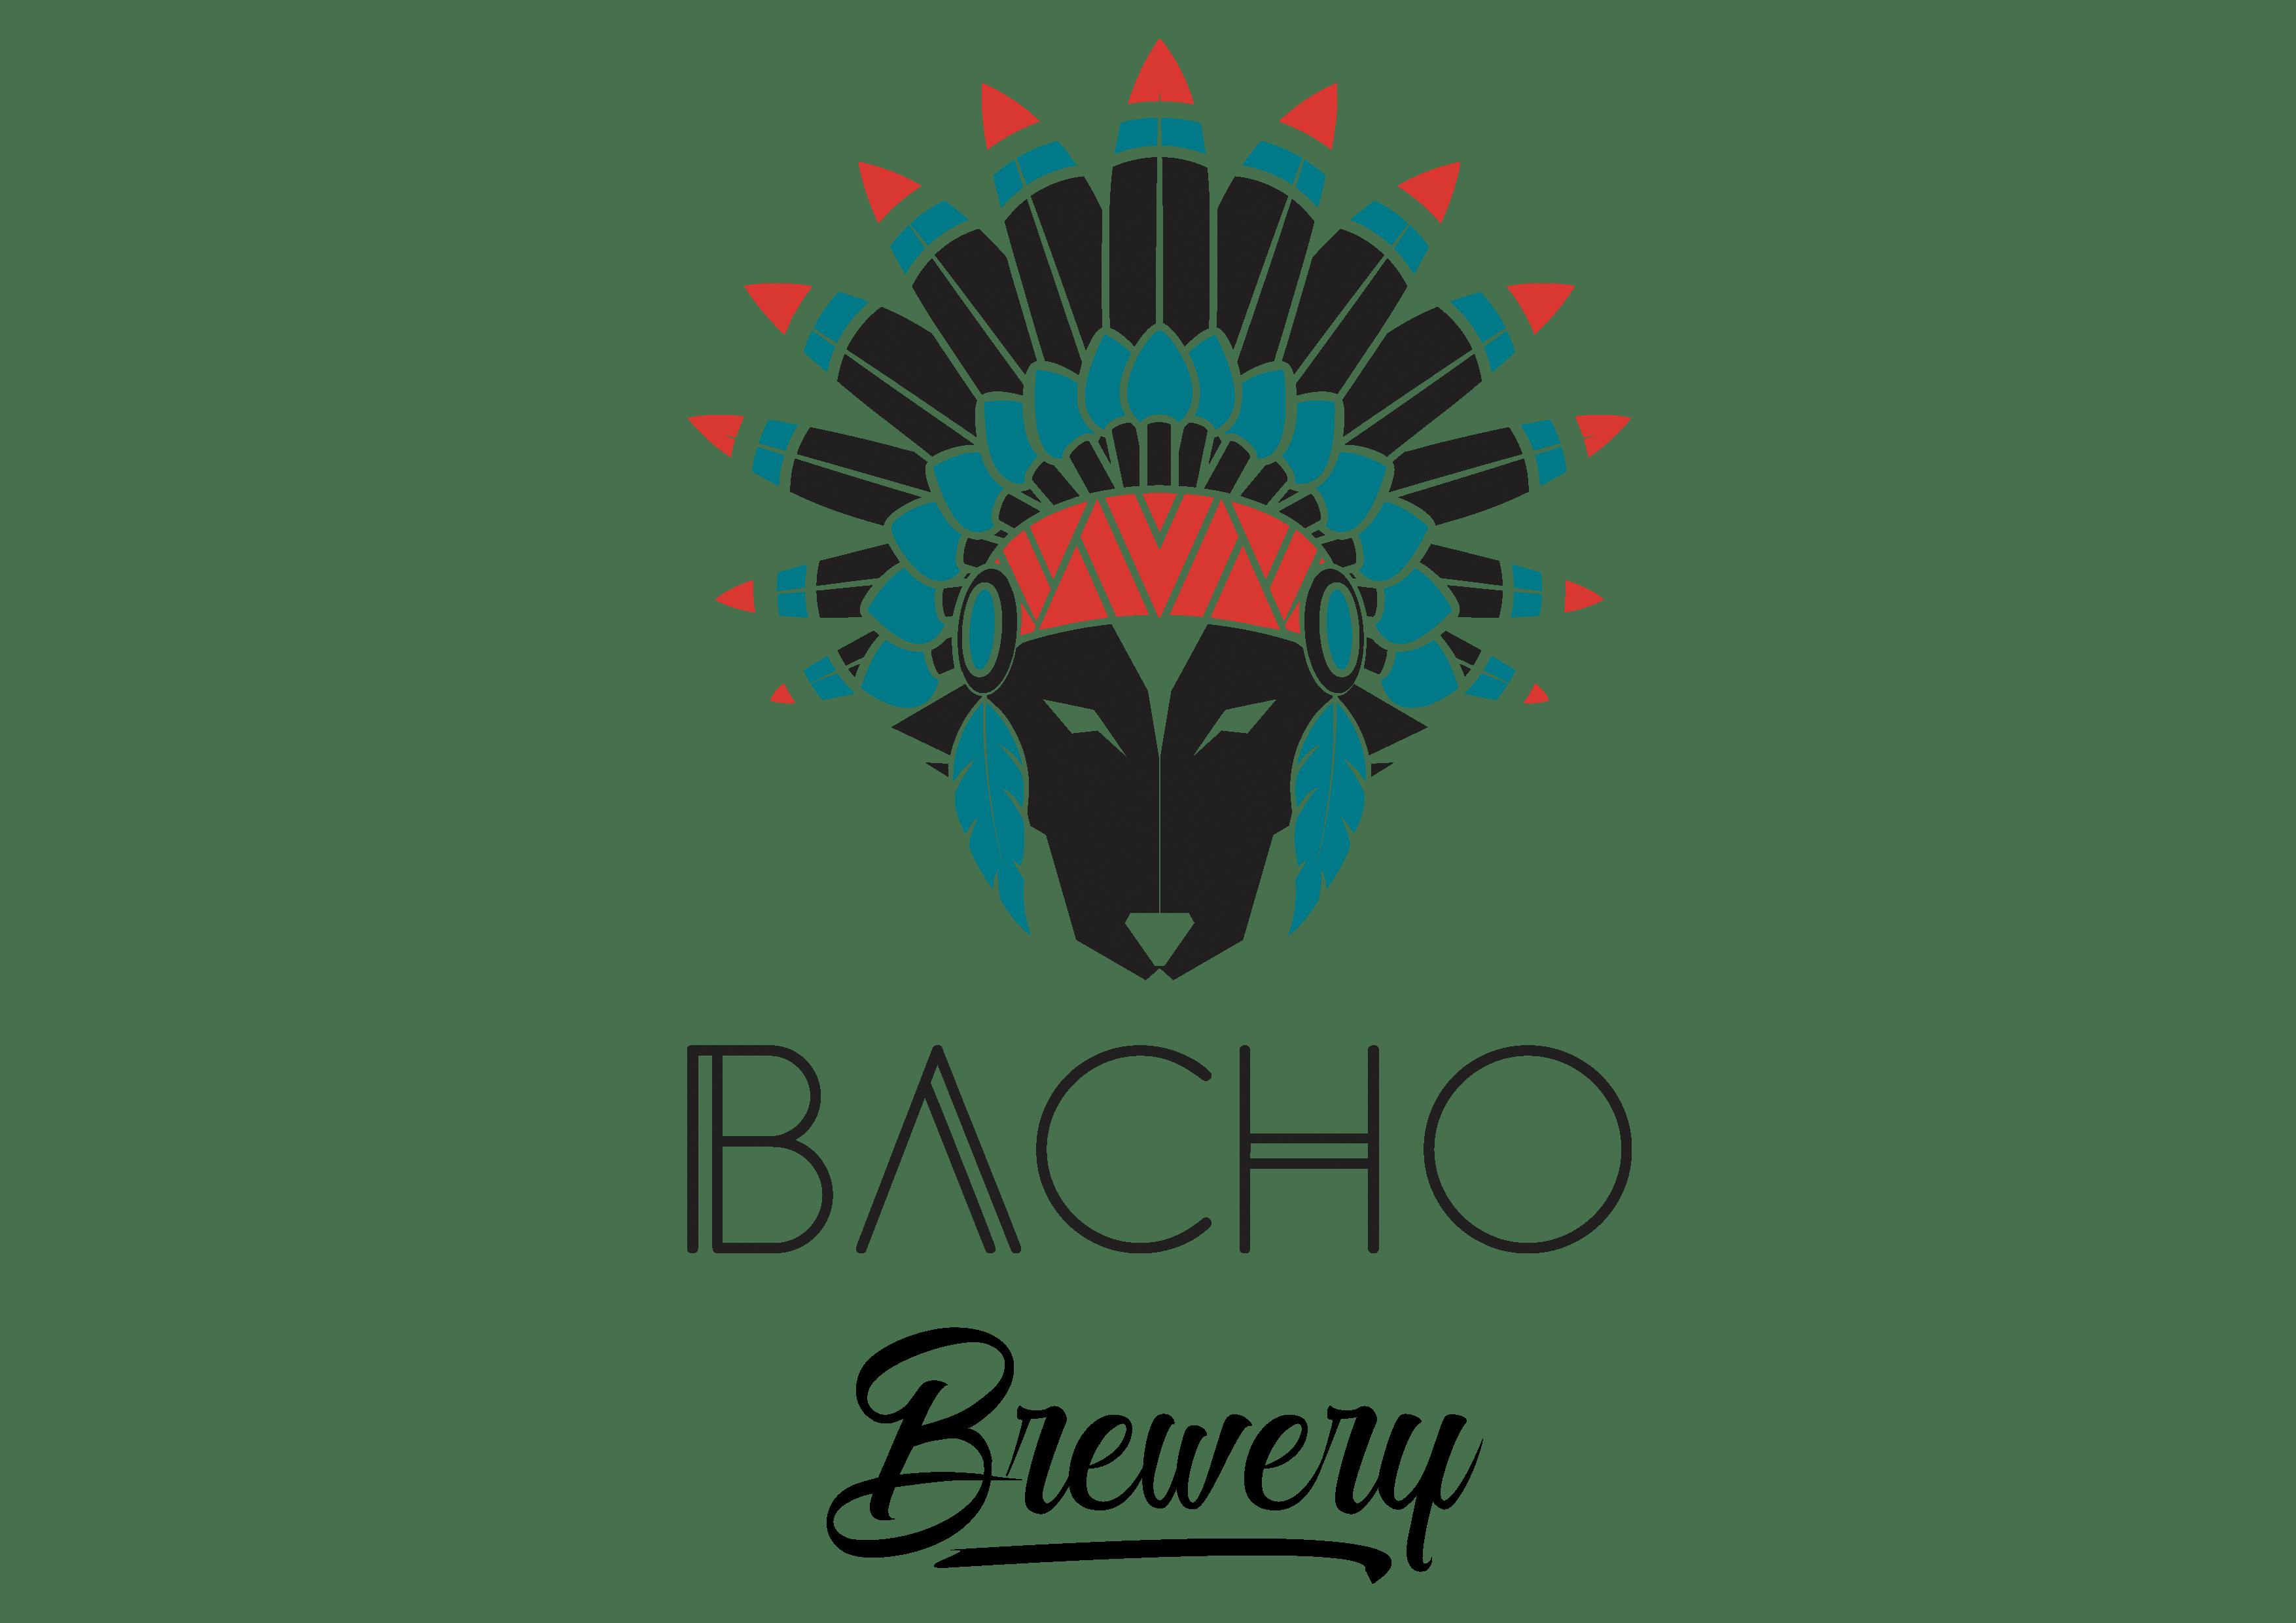 bacho brewery brasserie artisanale cote d azur partenaire